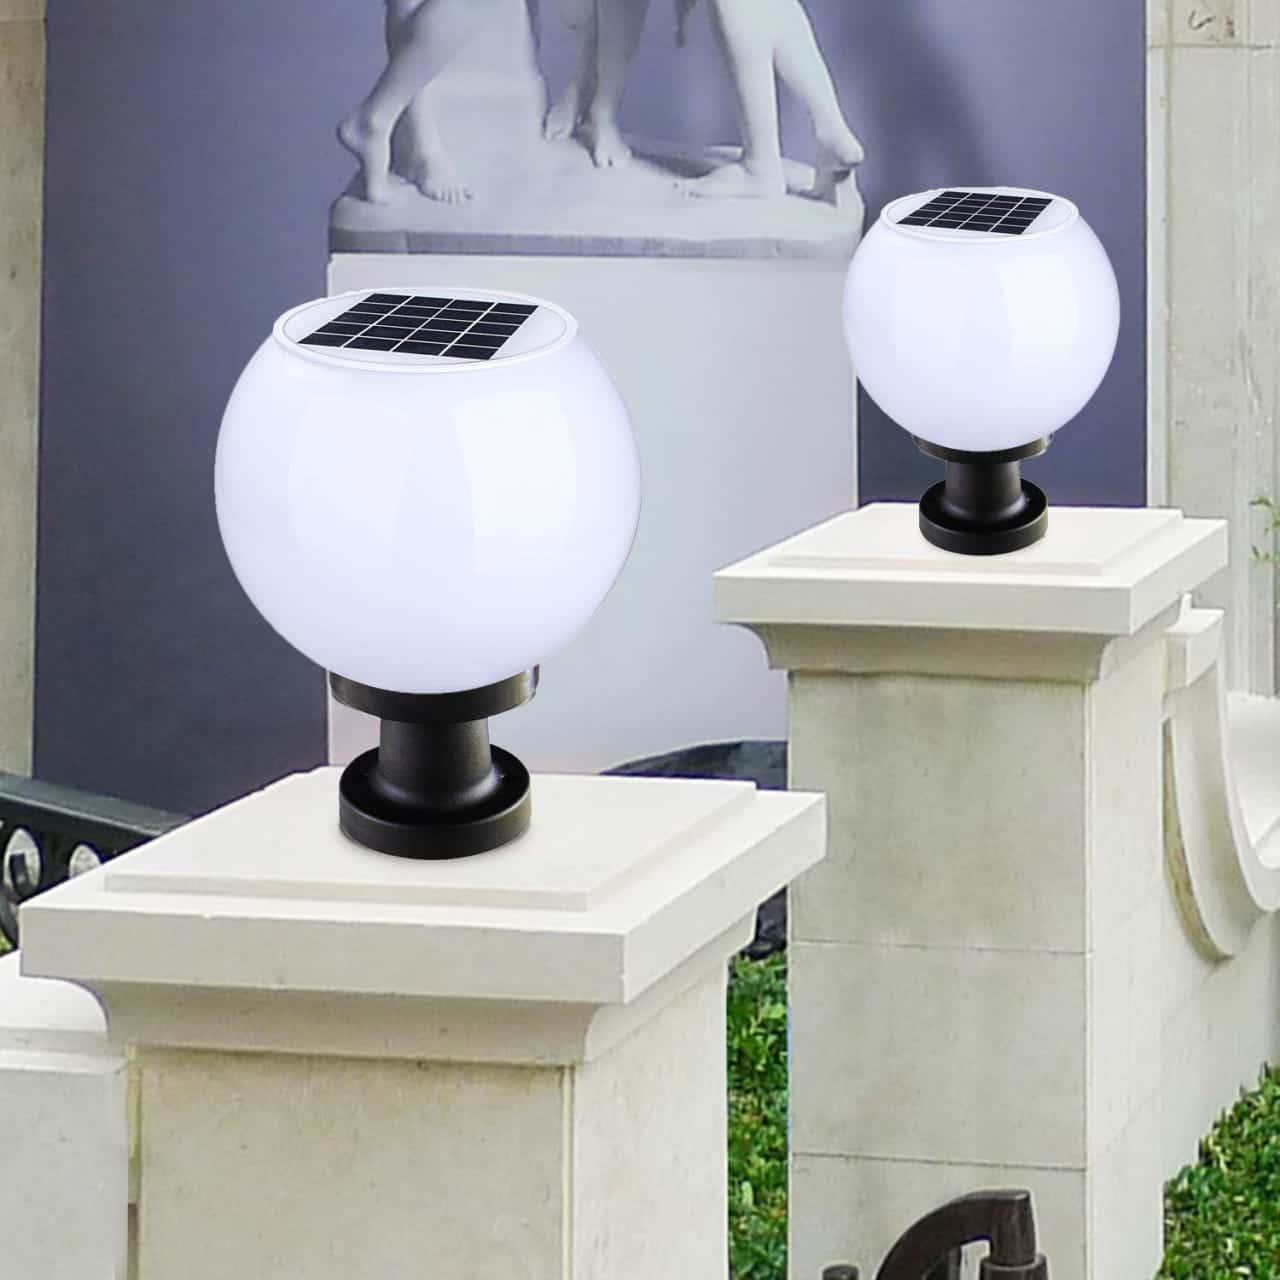 đèn trụ cổng tròn năng lượng mặt trời